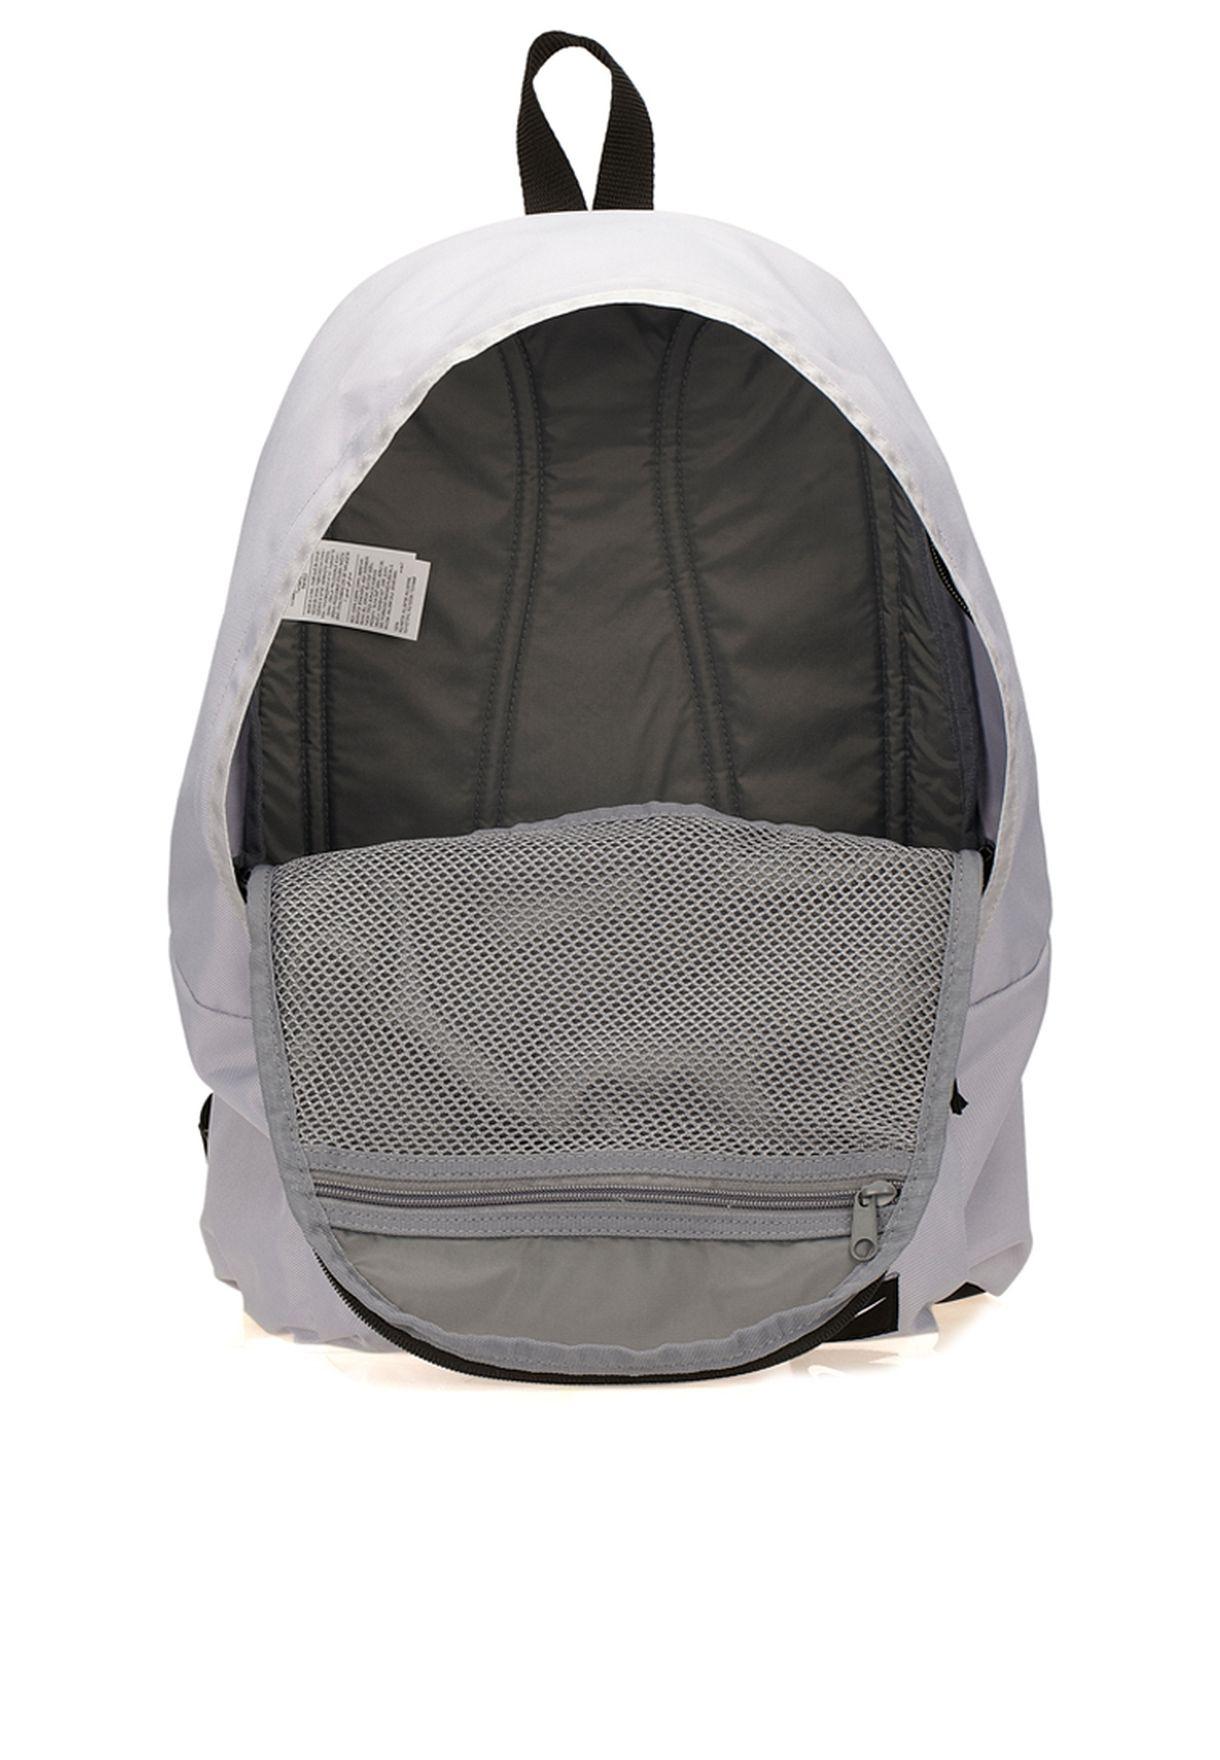 b65e287a6e Shop Nike white All Access Backpack NEQP-BA4302-017 for Men in ...